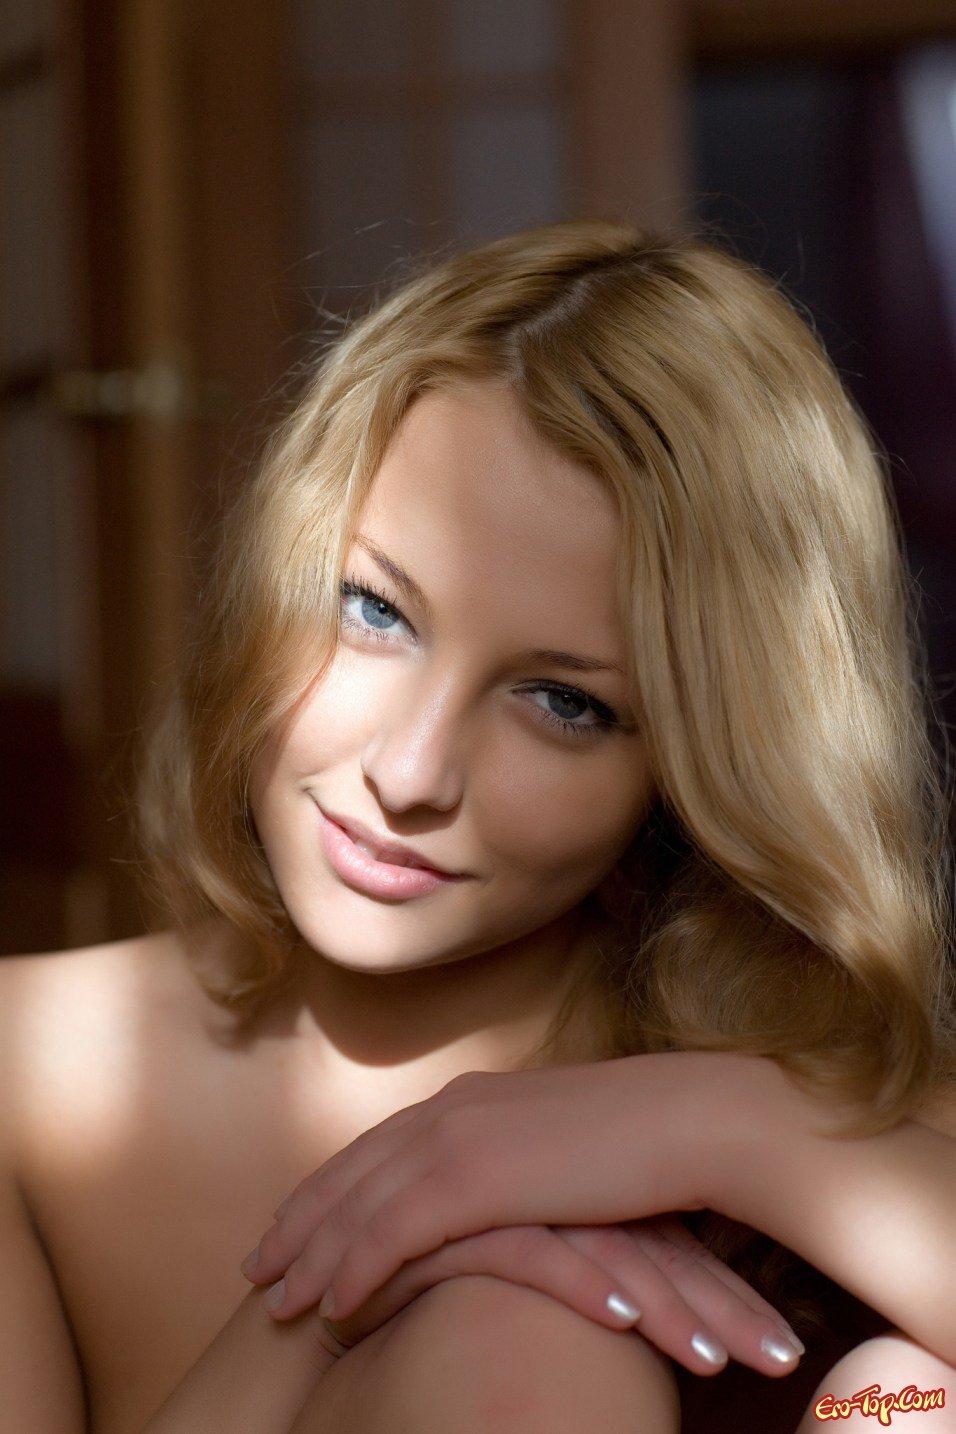 Русская светлая порноактриса Ника секс фото